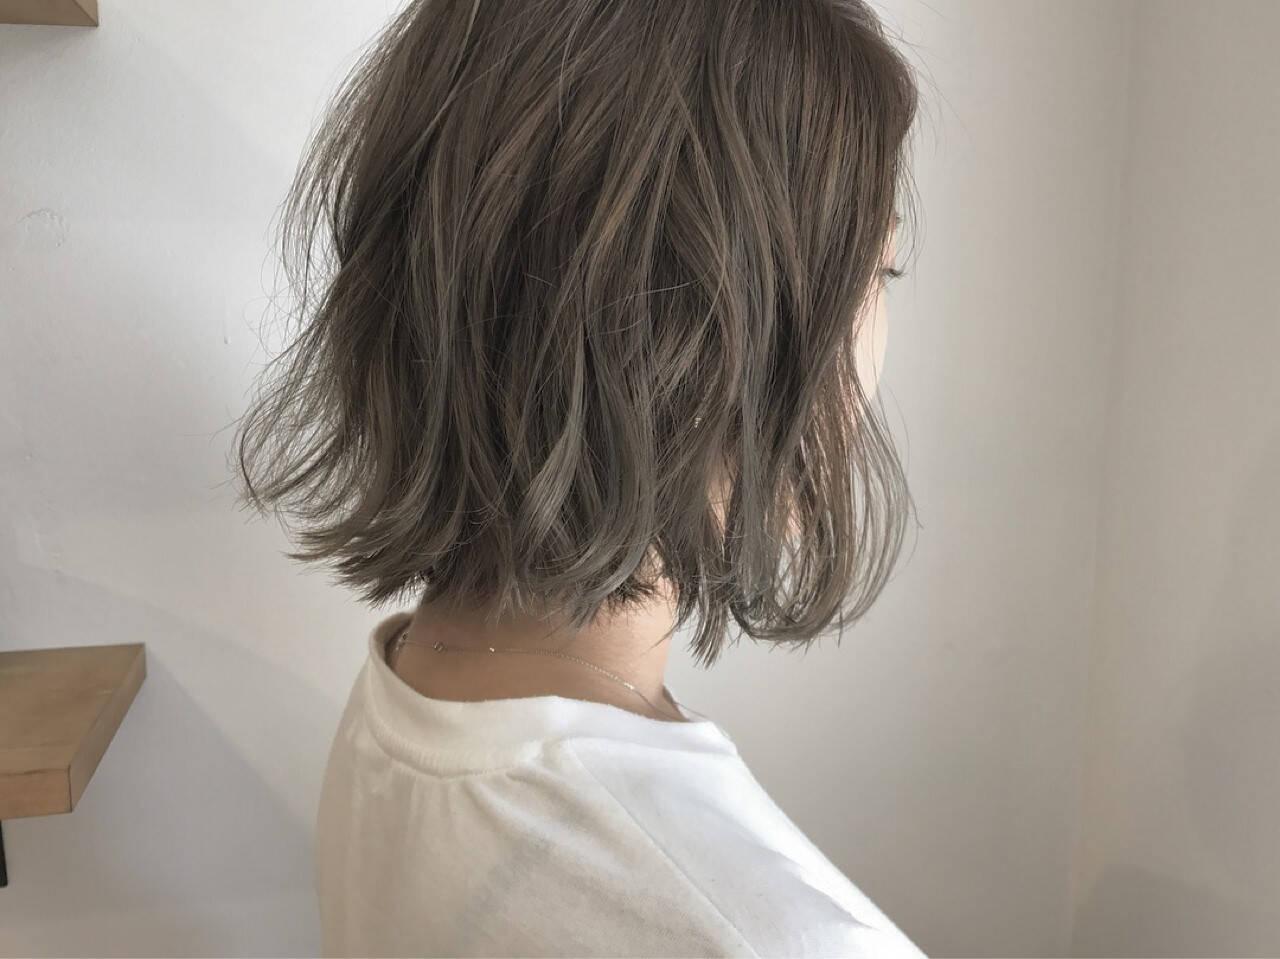 ナチュラル 透明感 切りっぱなし 秋ヘアスタイルや髪型の写真・画像